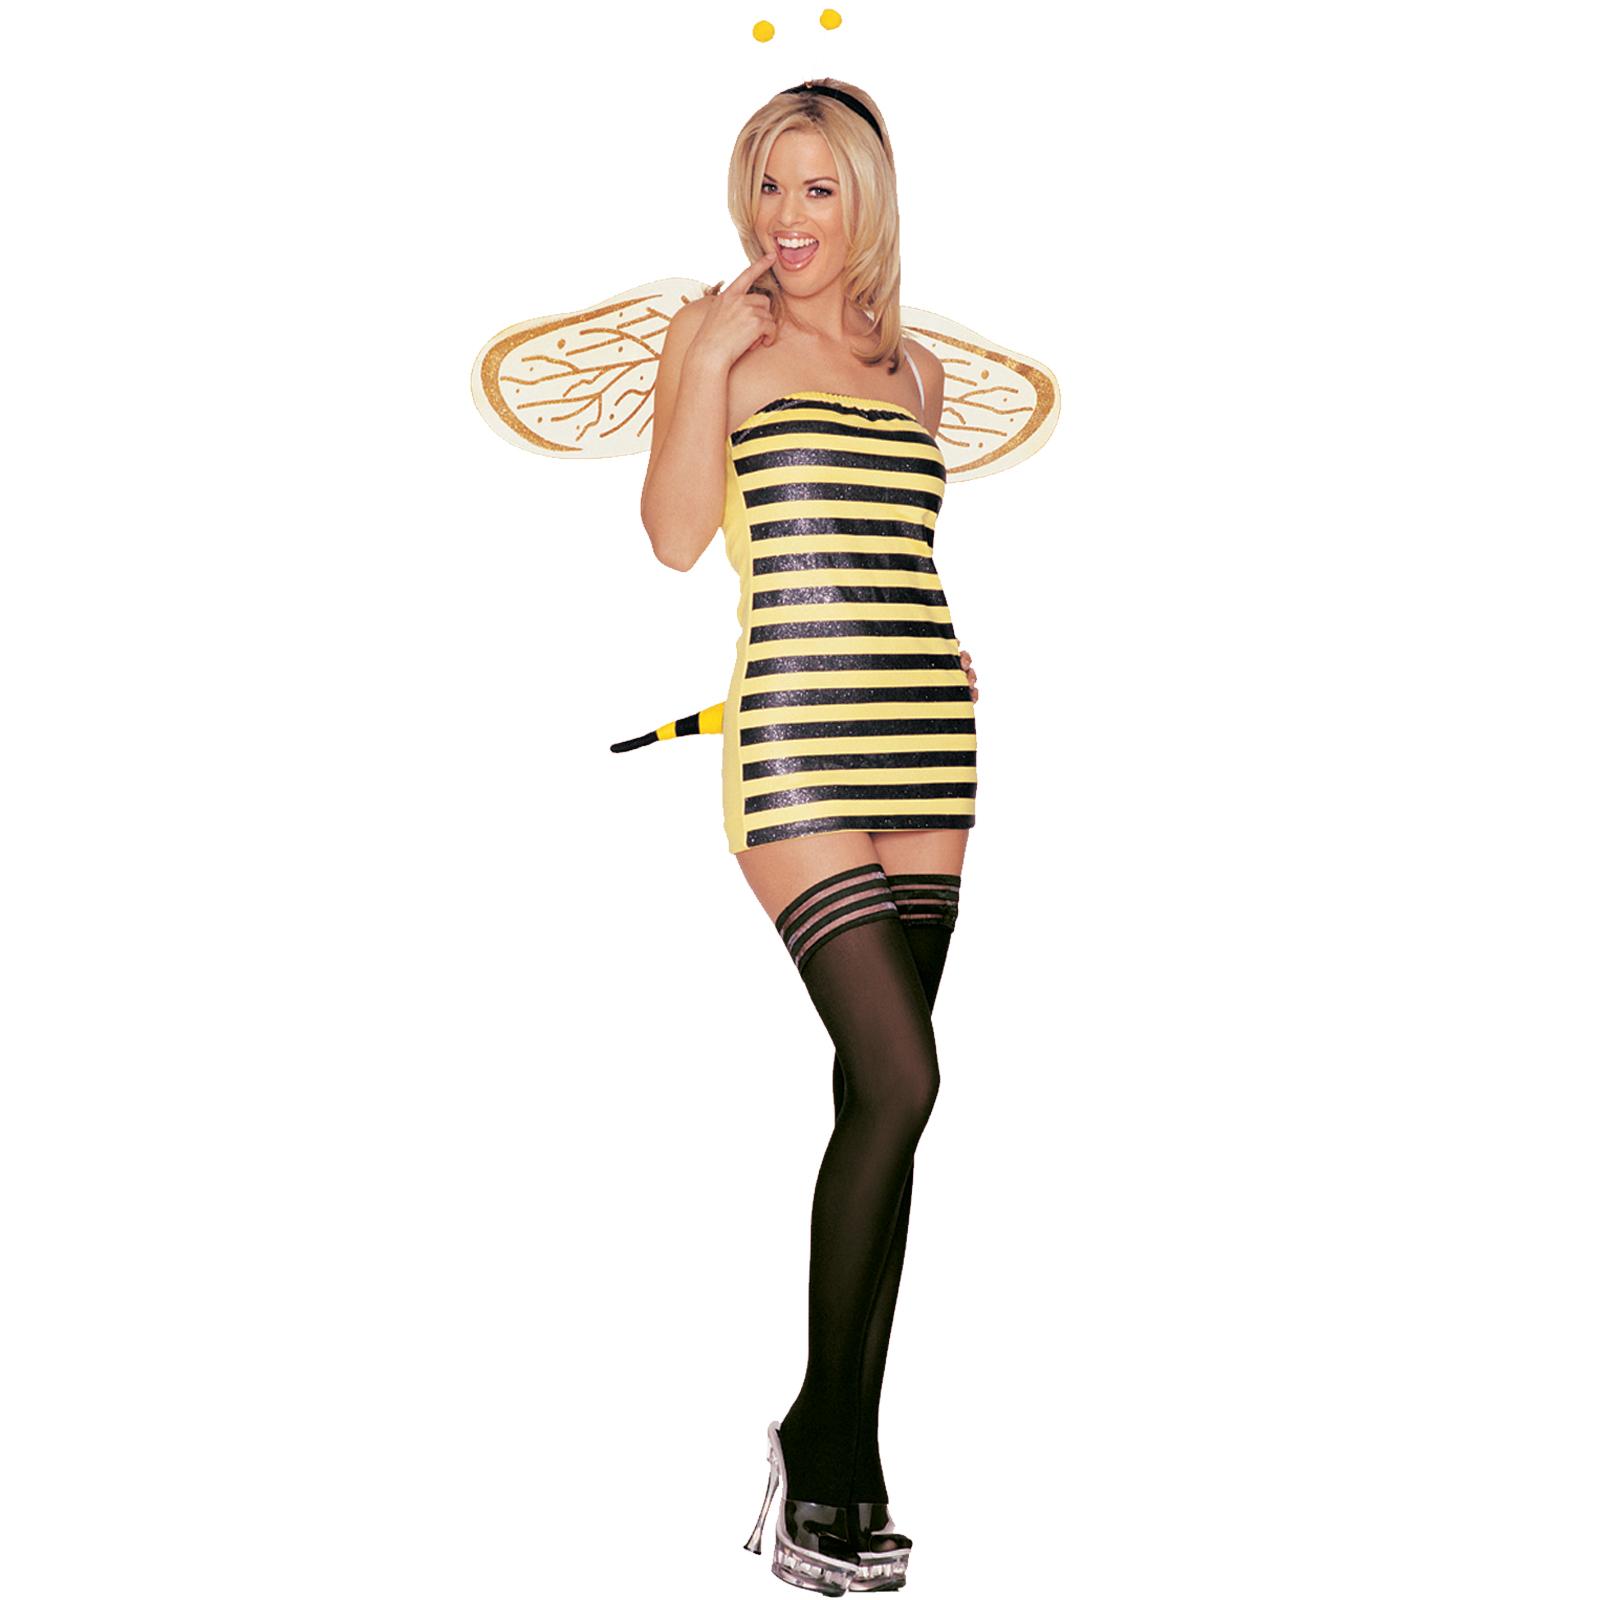 http://images.buycostumes.com/mgen/merchandiser/10655.jpg